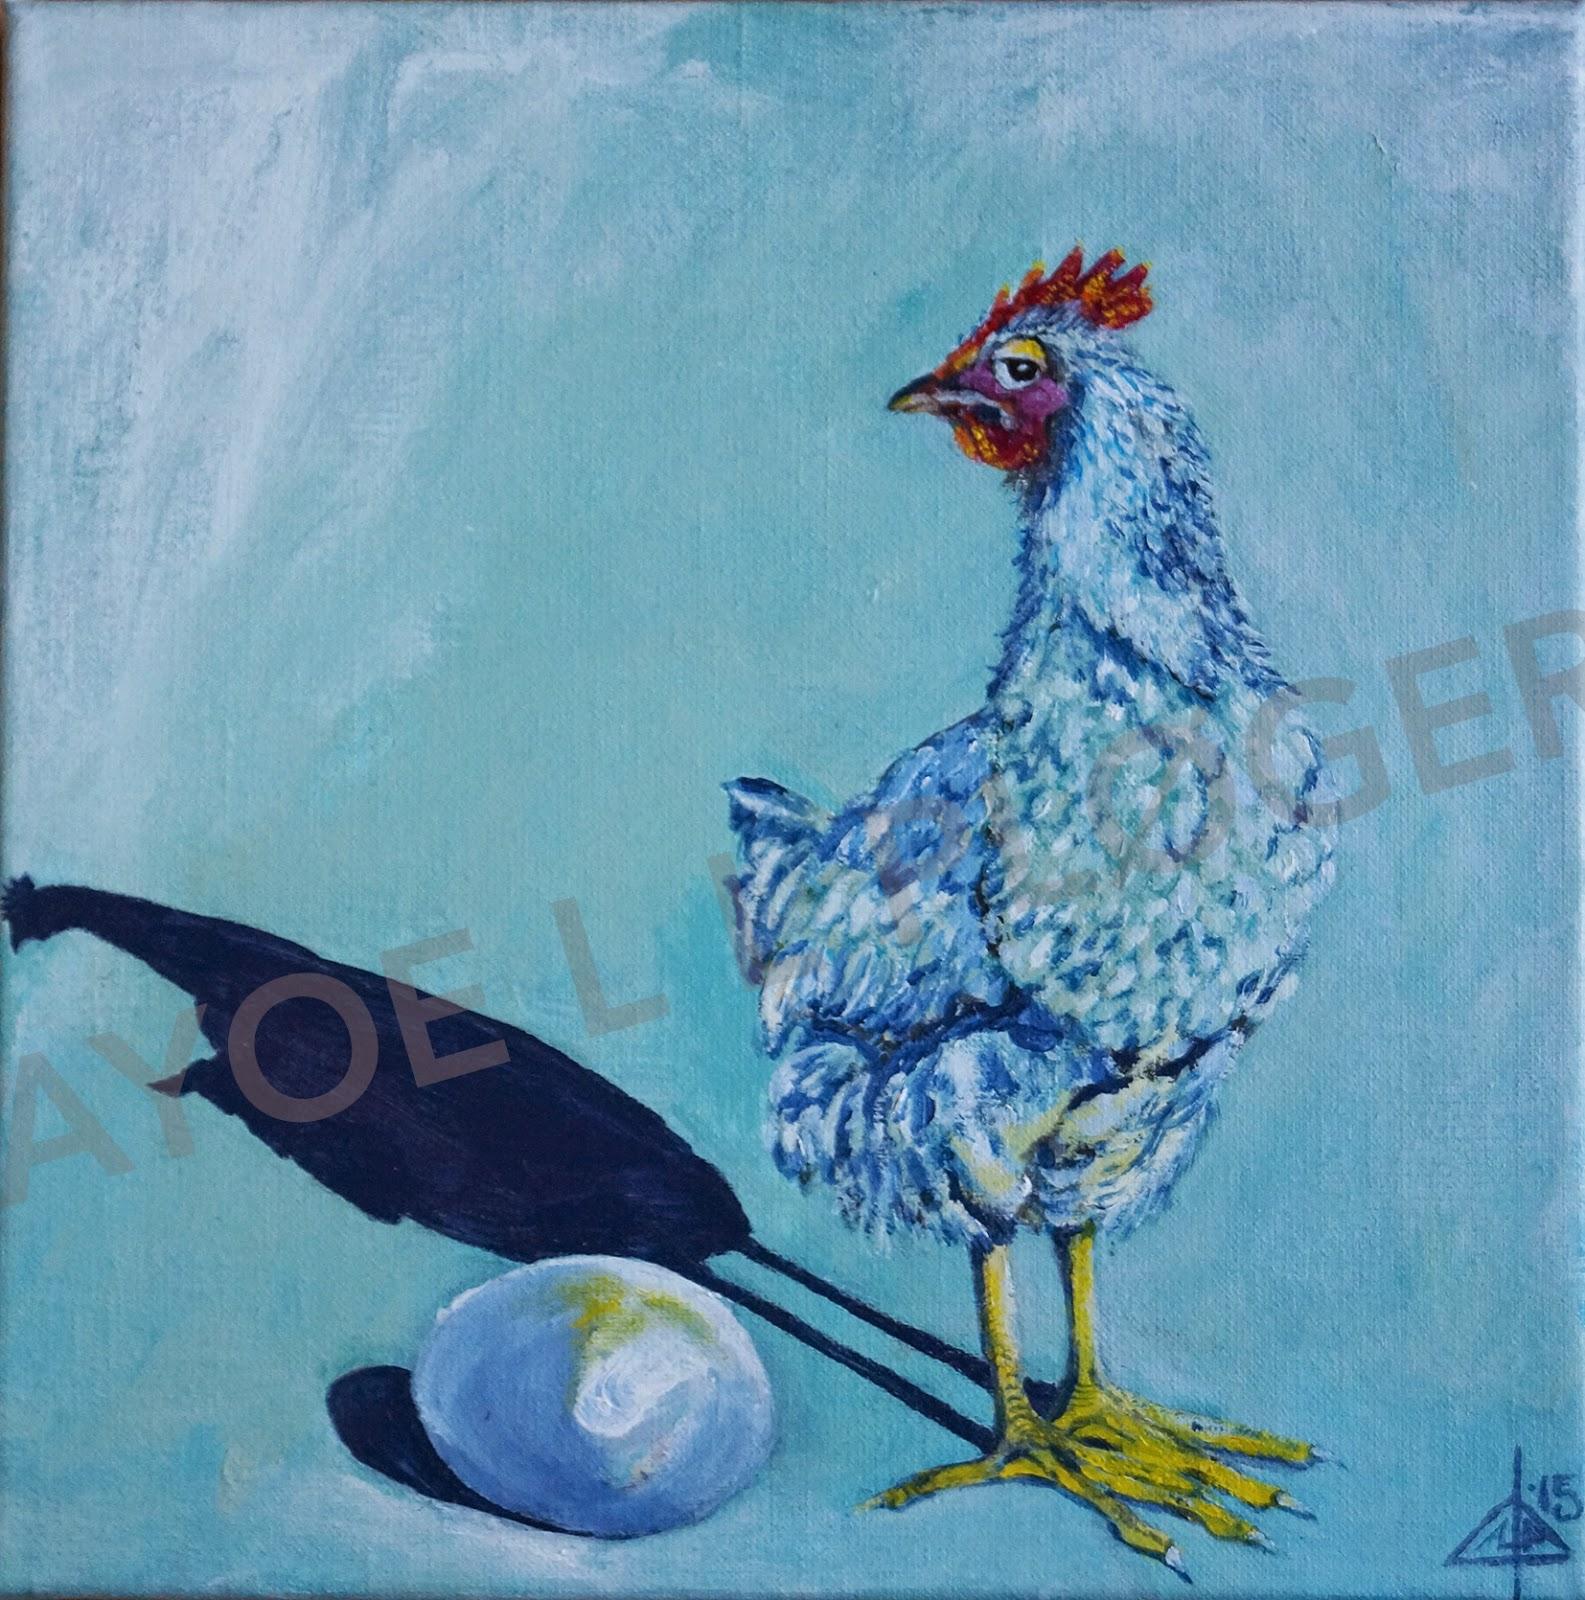 Høne, maleri, kunst, til salg, æg, acryl, hen, chicken, eeg, art, galleri, painting,